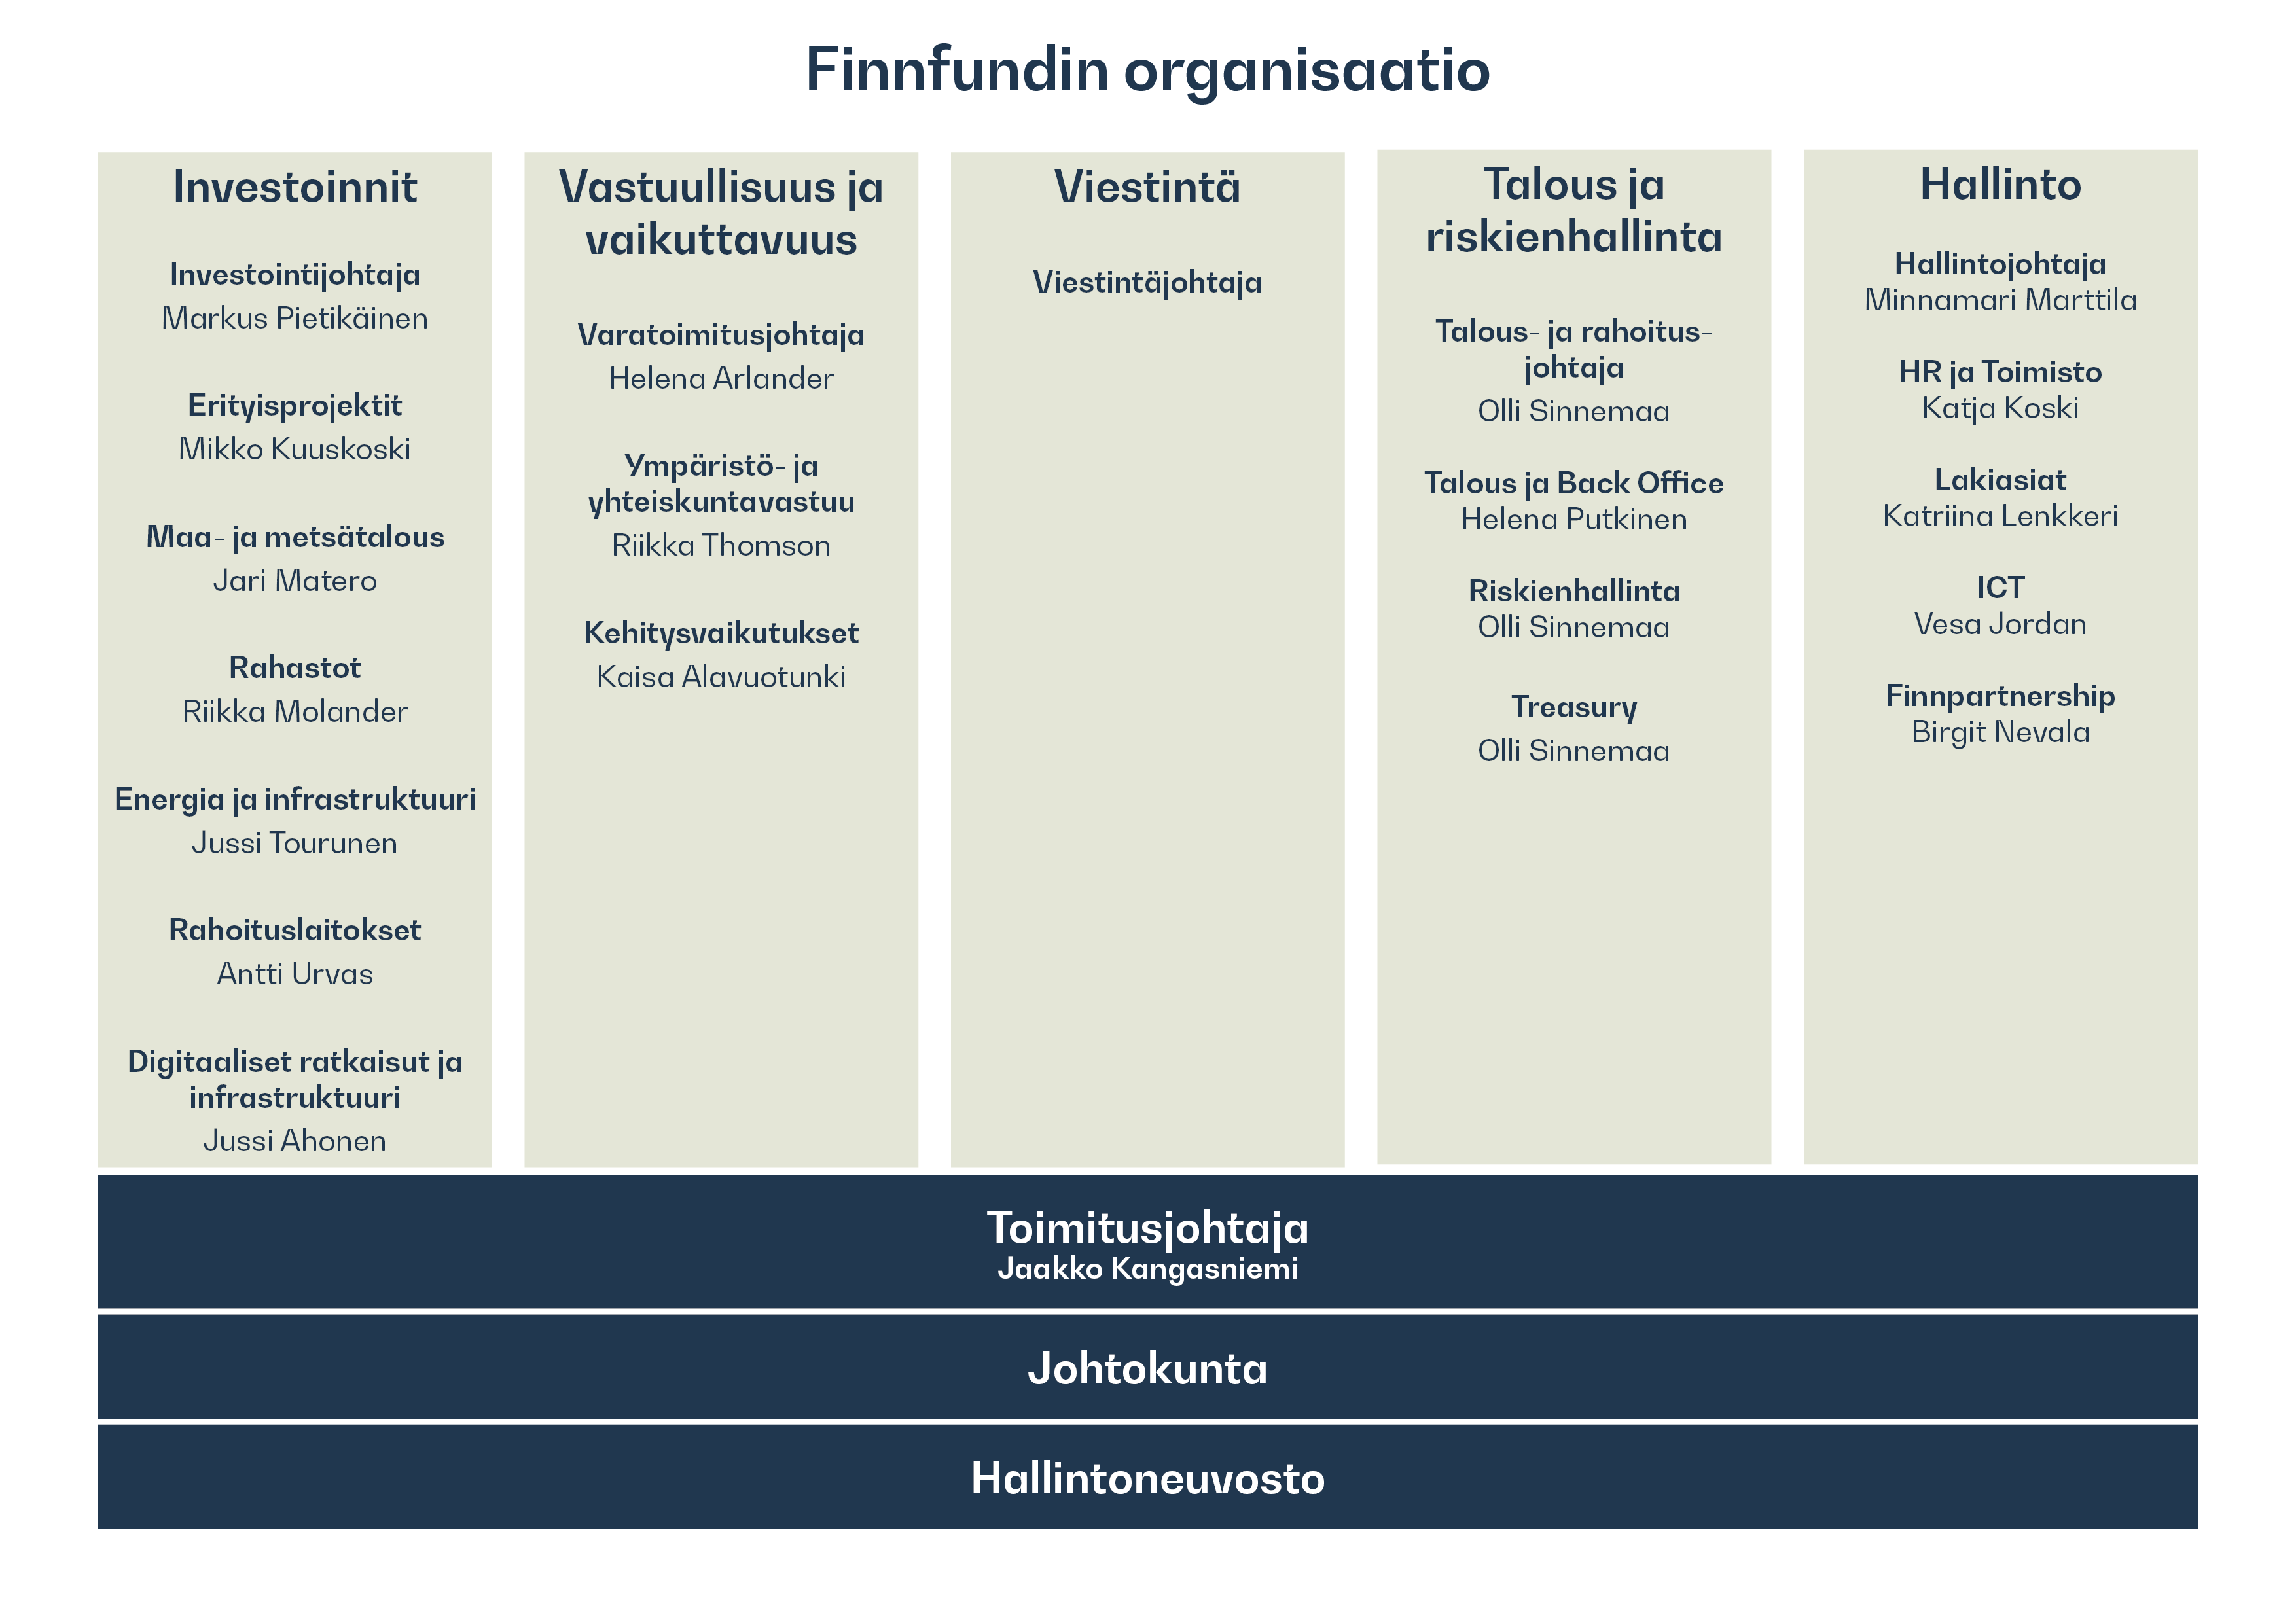 kuva organisaatiorakenteesta